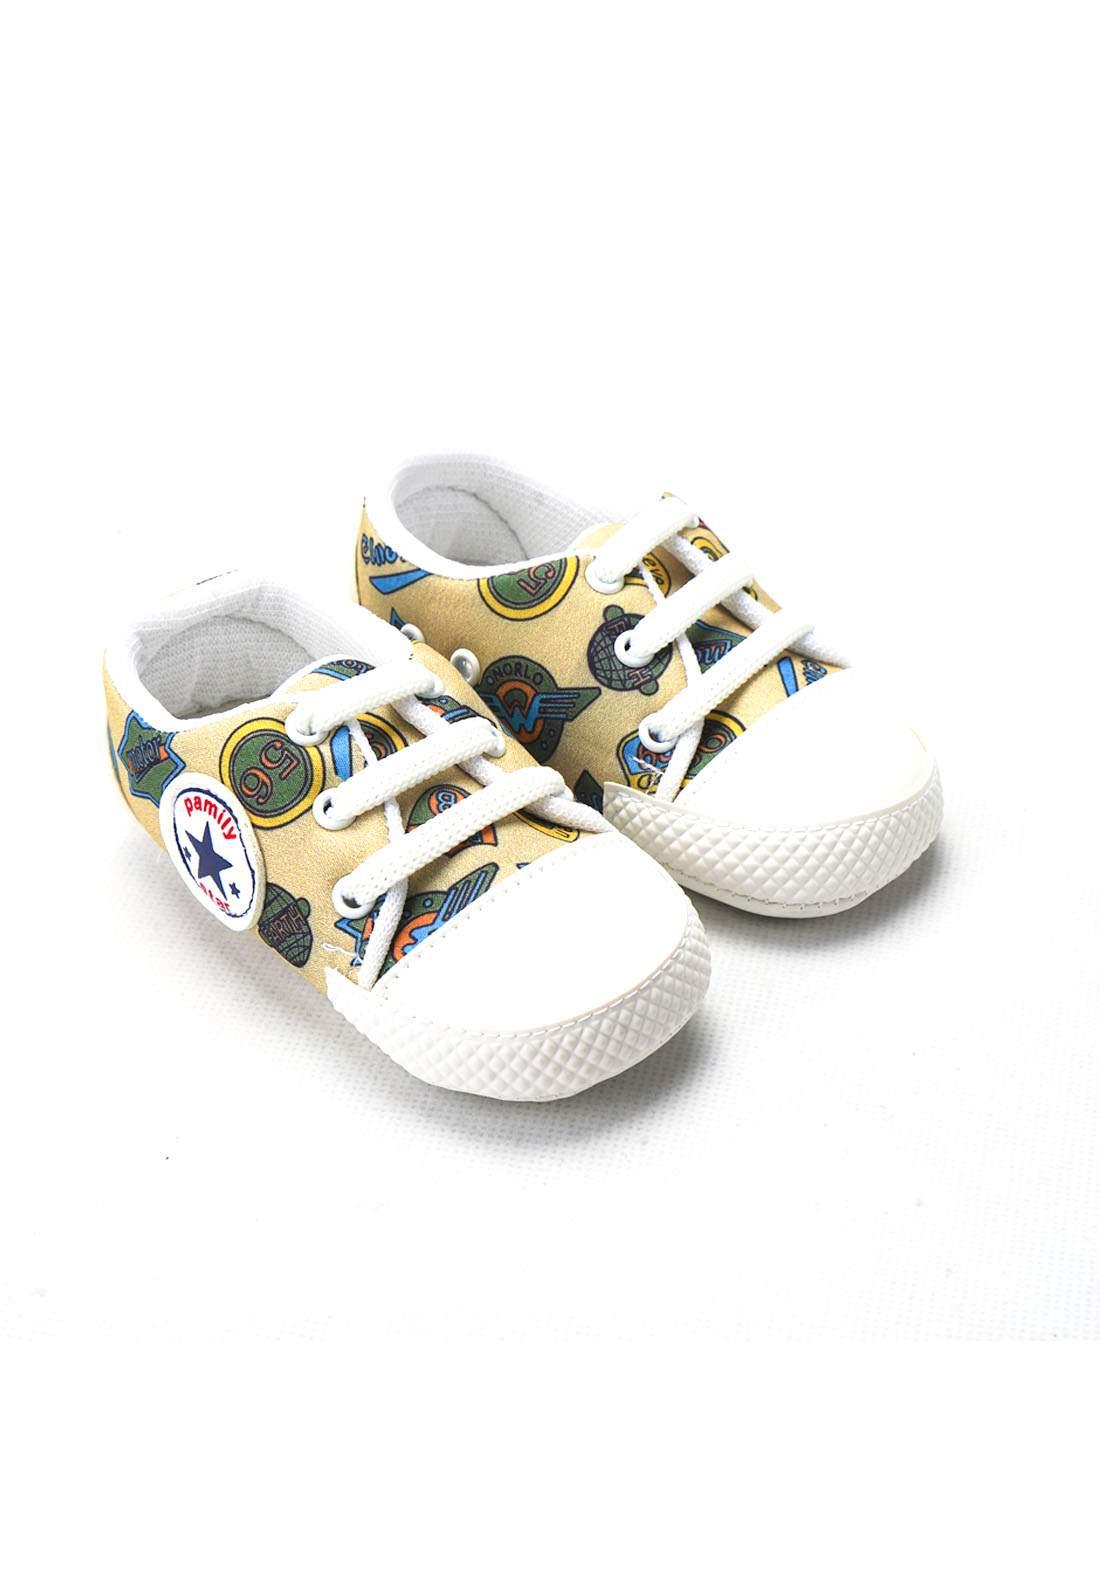 حذاء ولادي للاطفال حديثي الولادة بيجي اللون